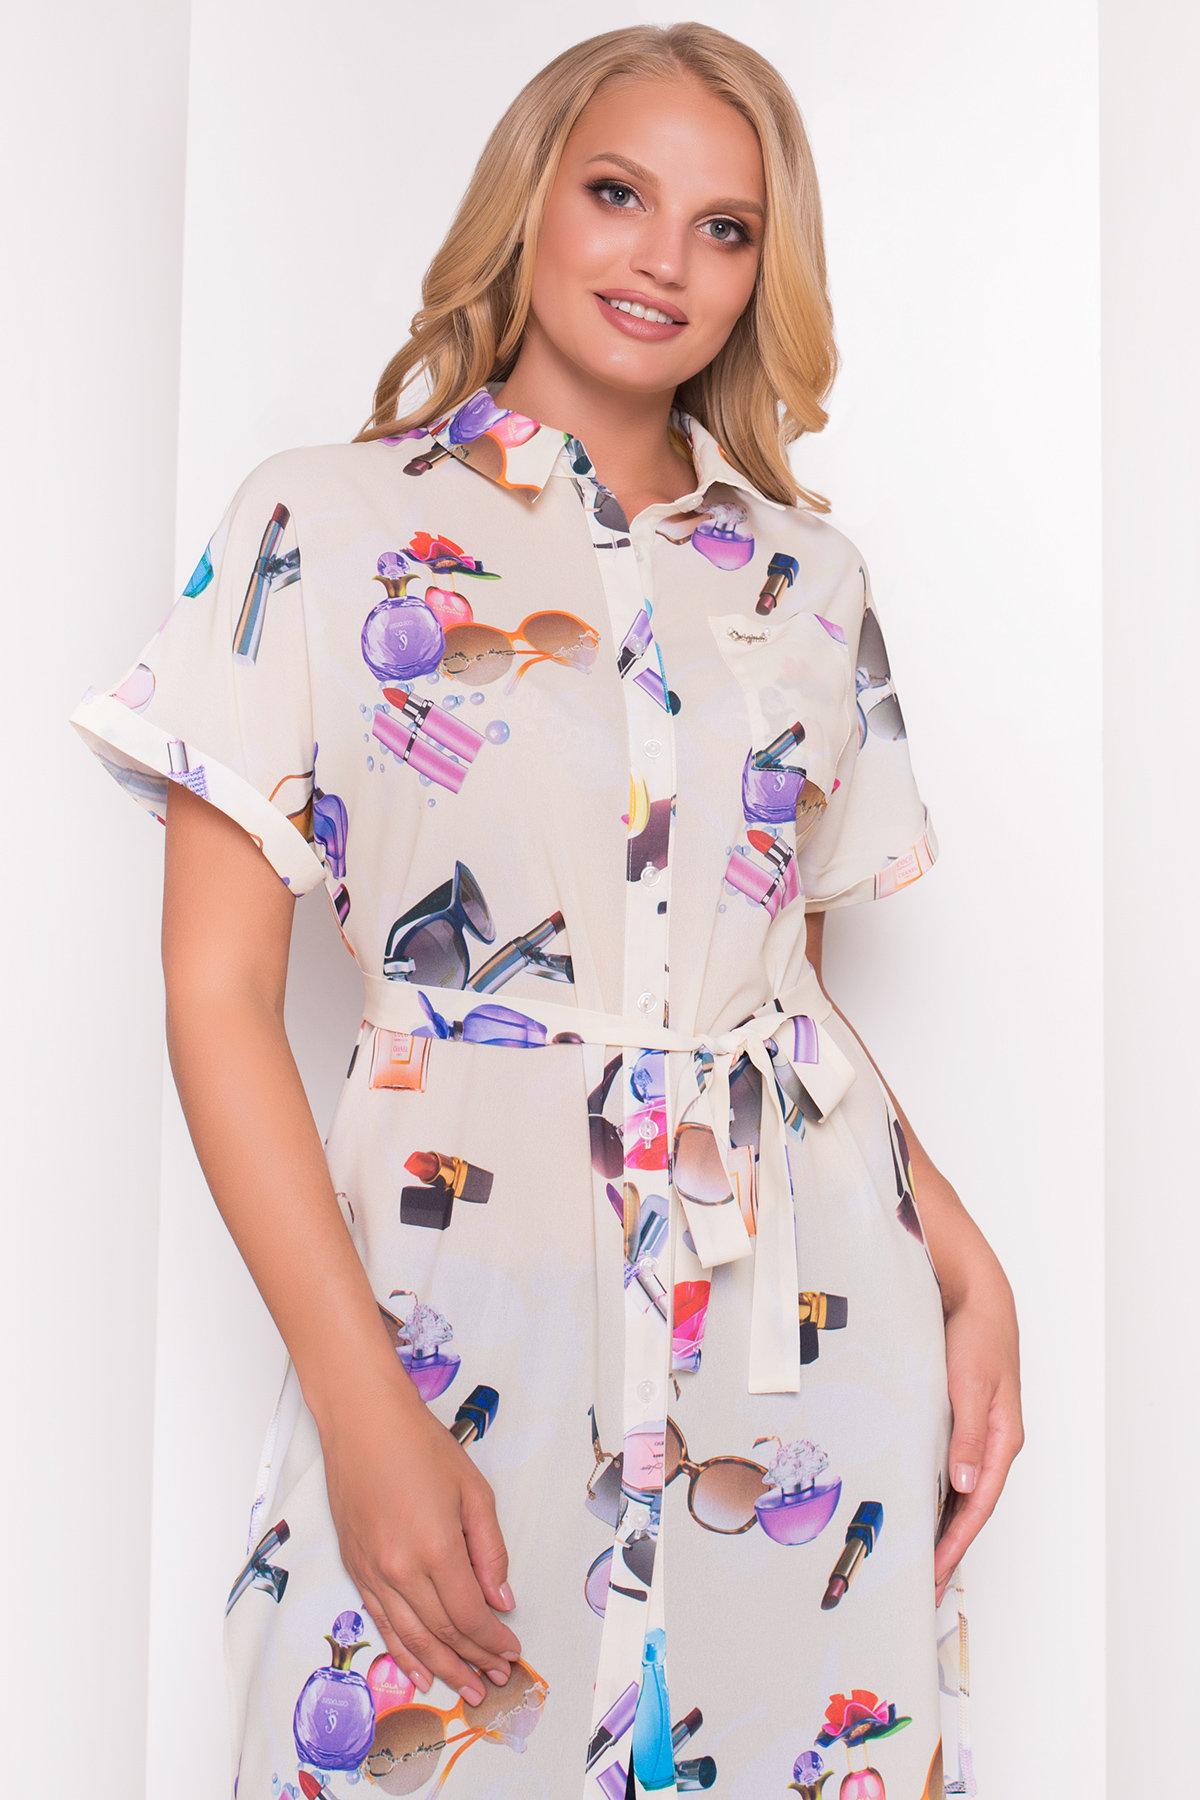 TW Платье -рубашка Шиен Donna 5239 АРТ. 36450 Цвет: Лимон Parfums - фото 2, интернет магазин tm-modus.ru